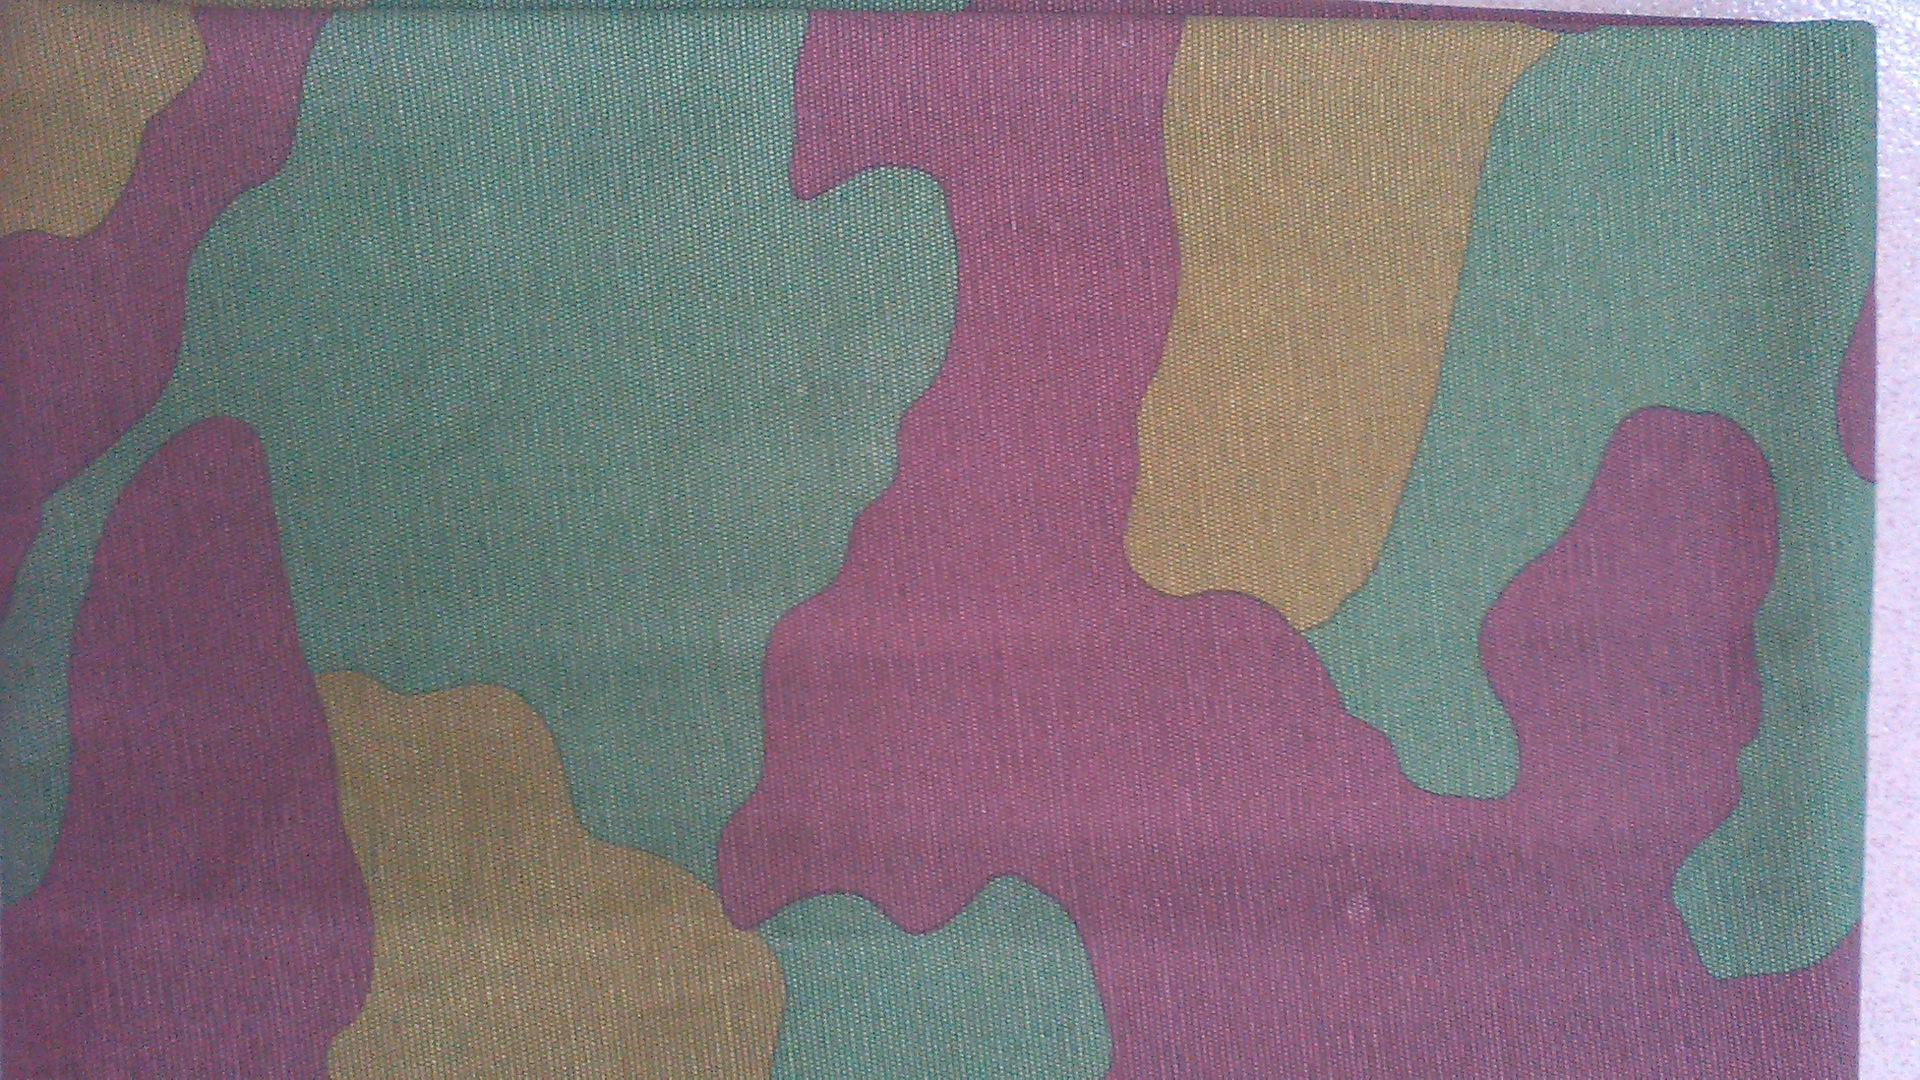 批发 数码打样 面料打样 帆布 棉布印花 活性环保纯棉帆布